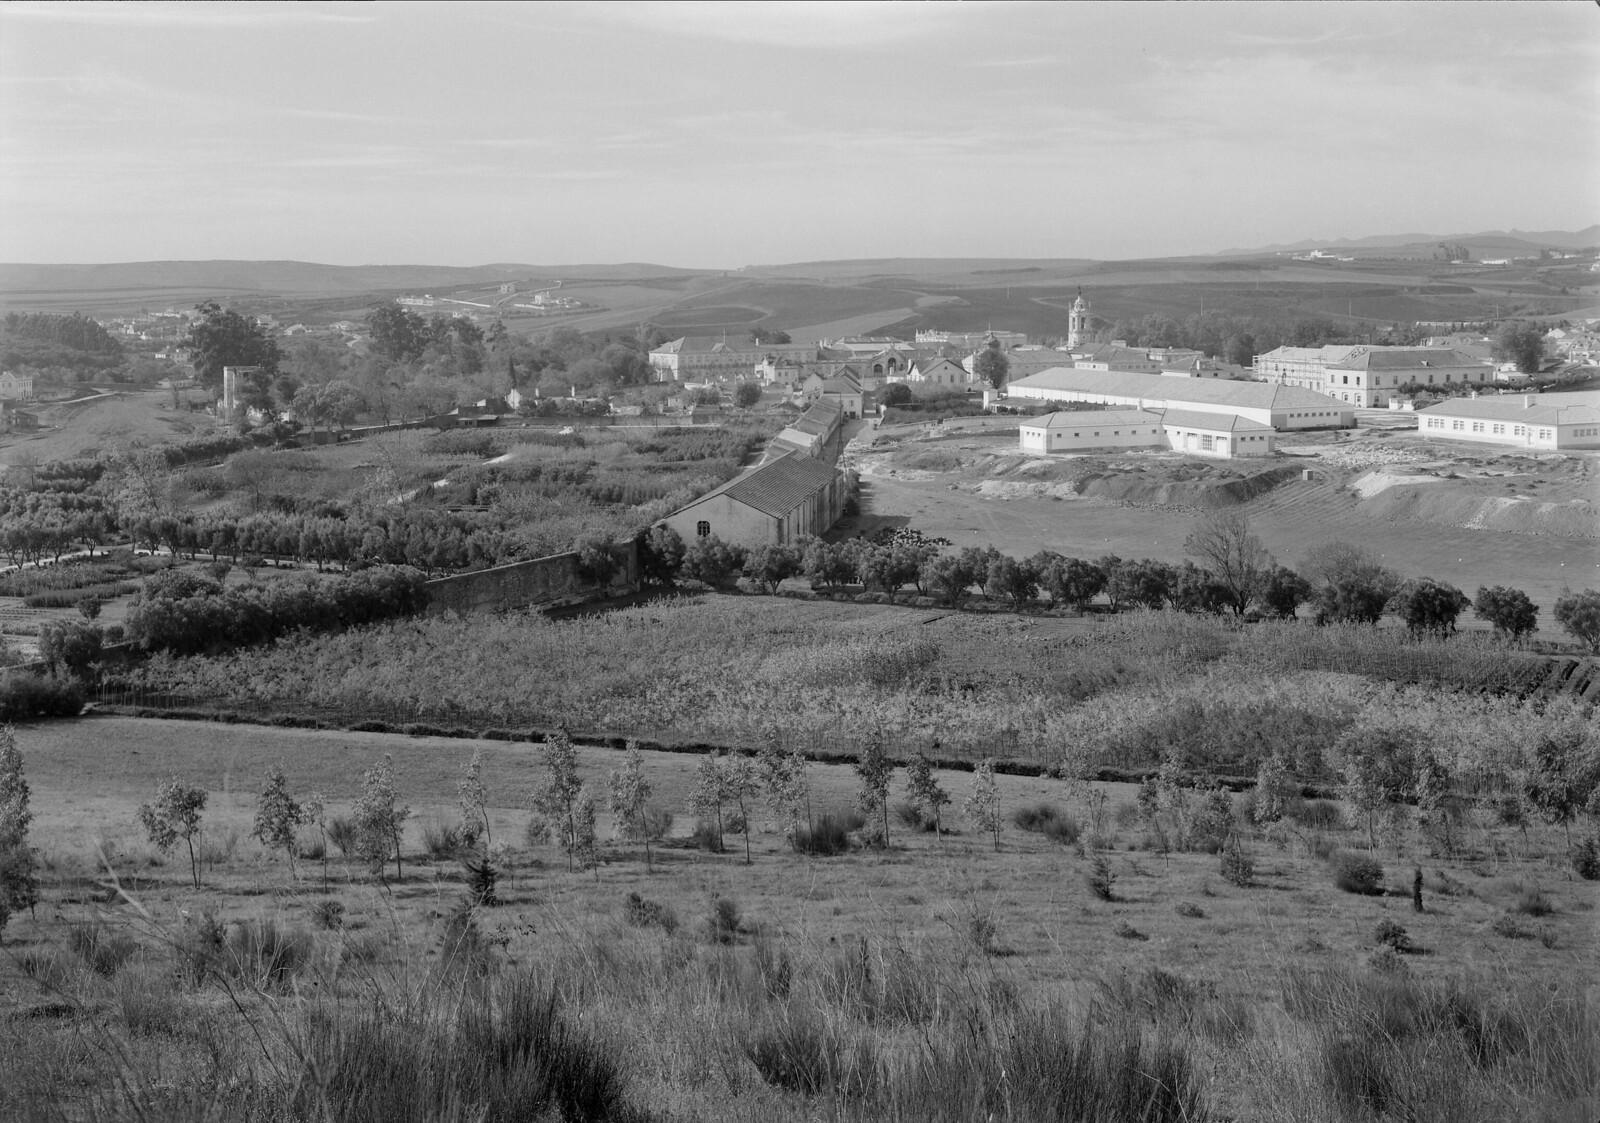 Vista sobre o Palácio e o Regimento de Artilharia, Queluz (M. Novais, s.d.)